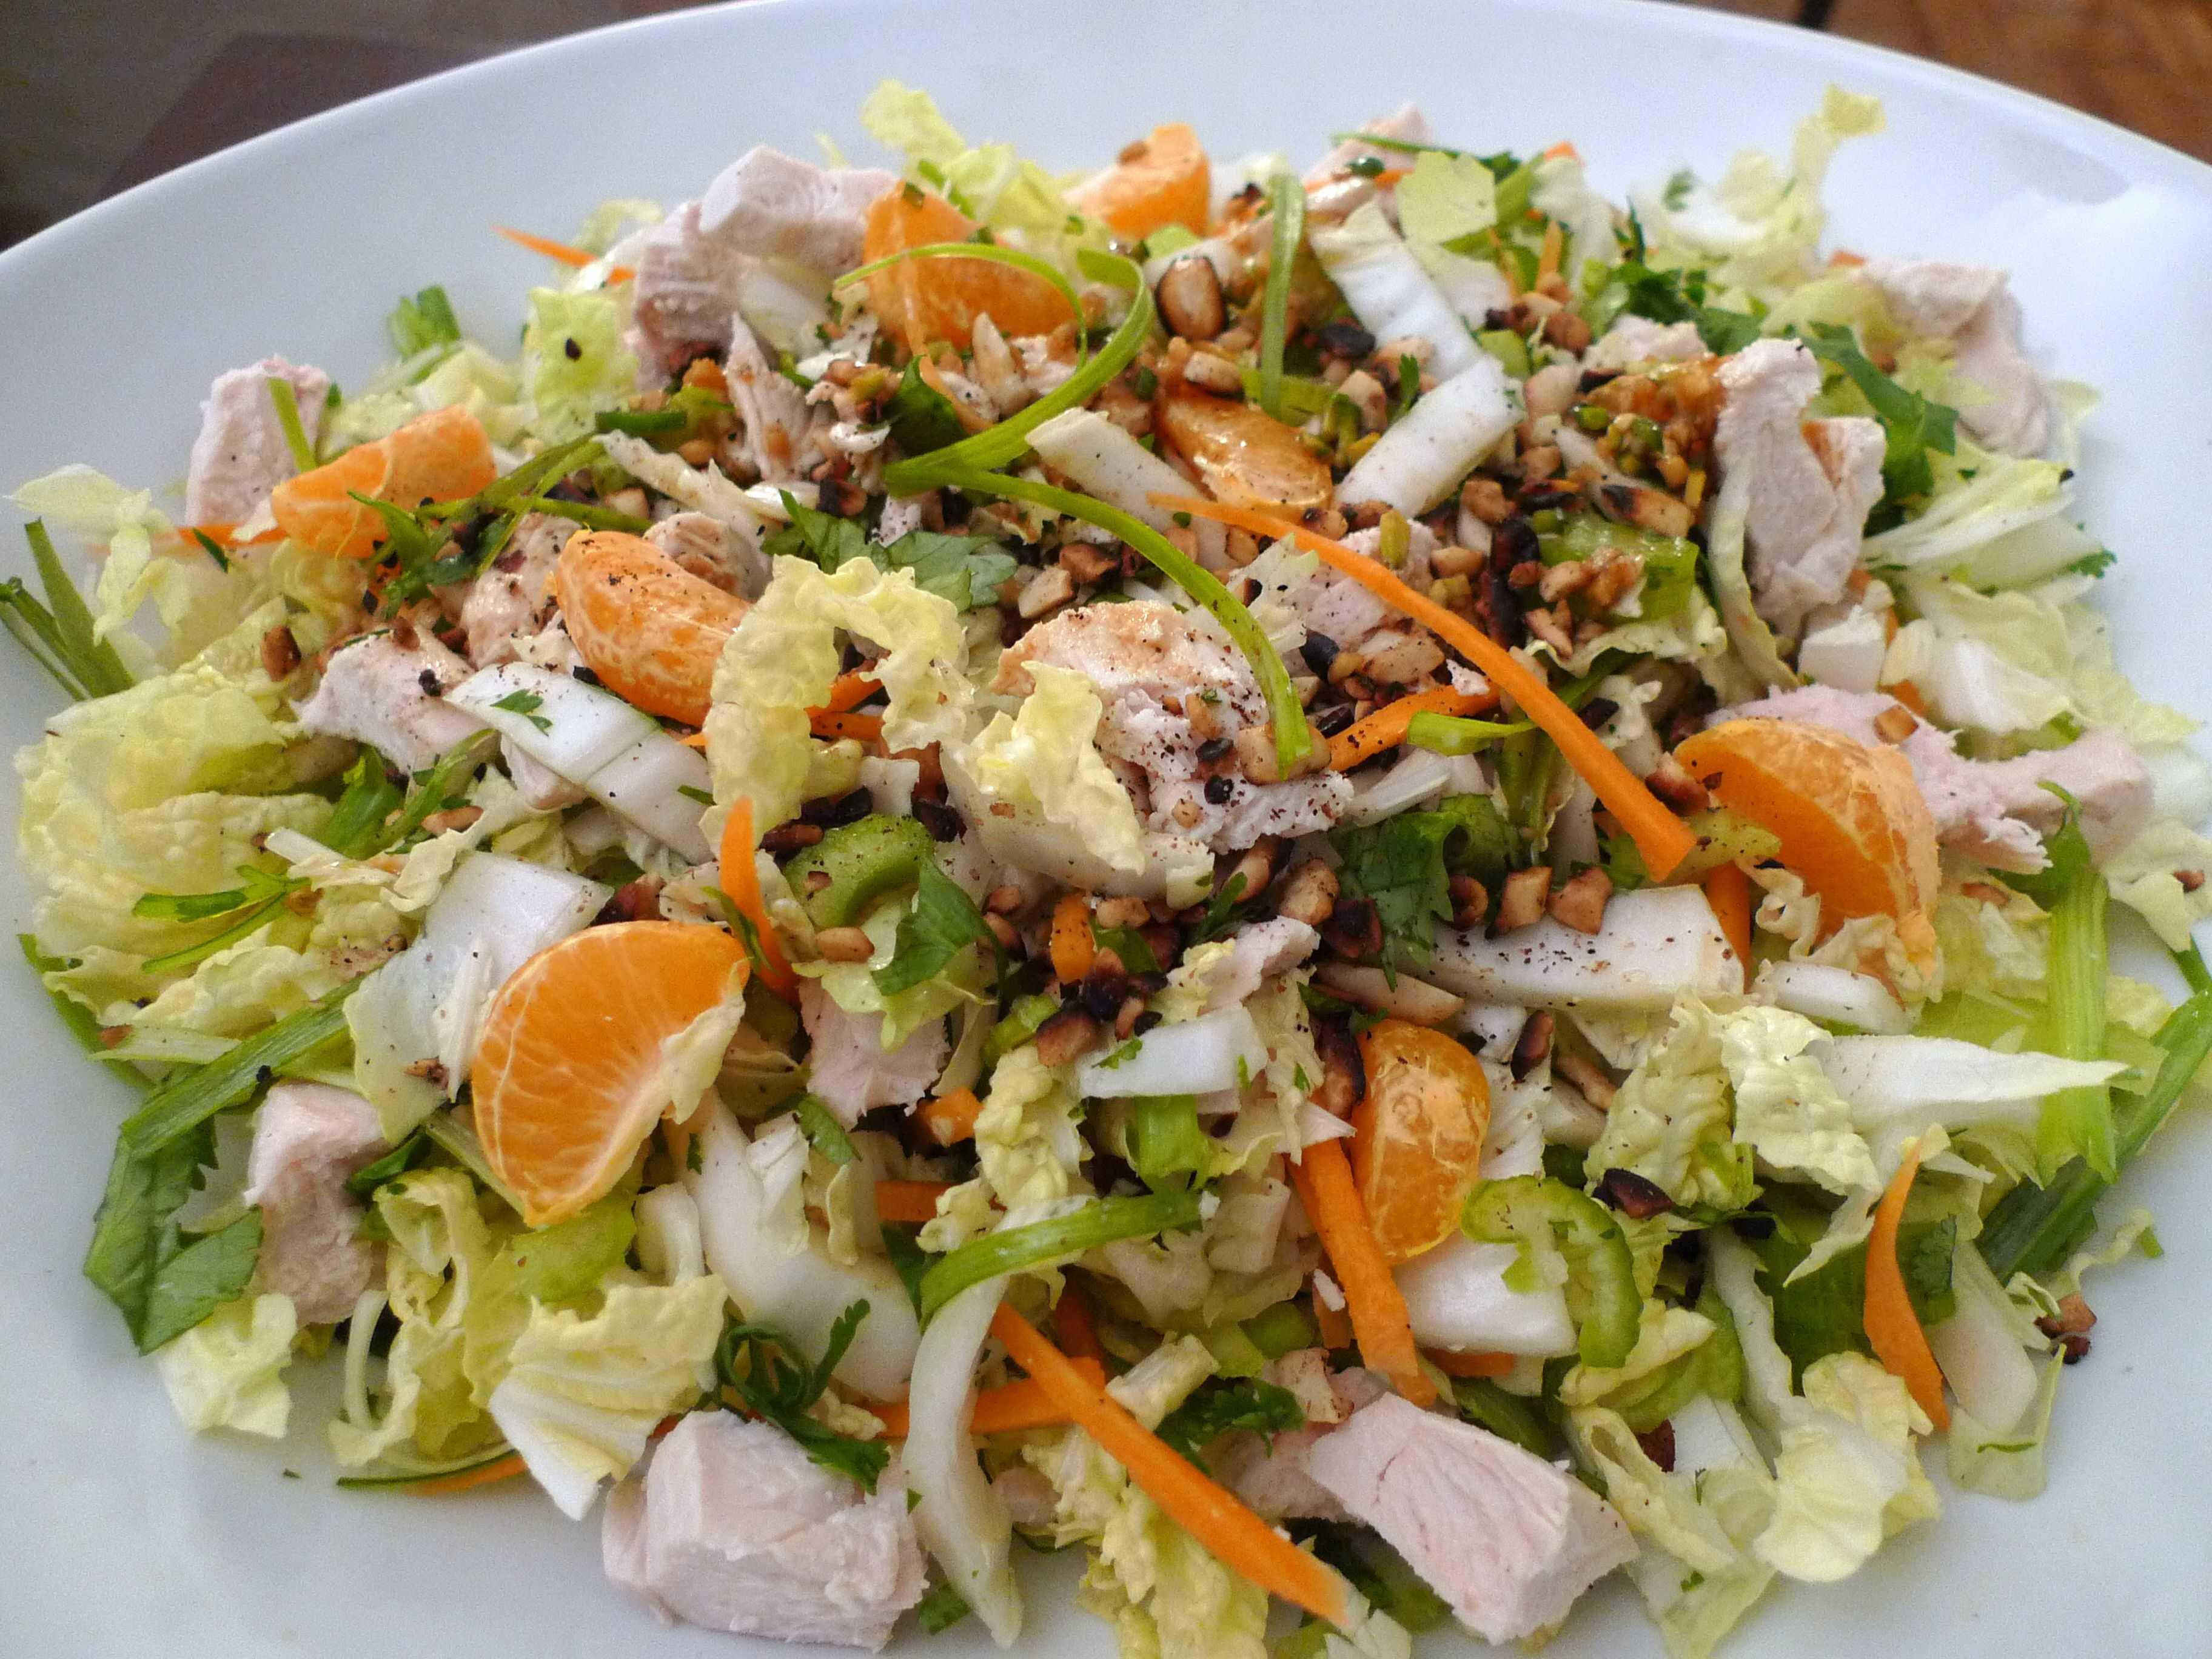 Салат с курицей, ананасами и пекинской капустой рецепт с фото пошагово и видео - 1000.menu